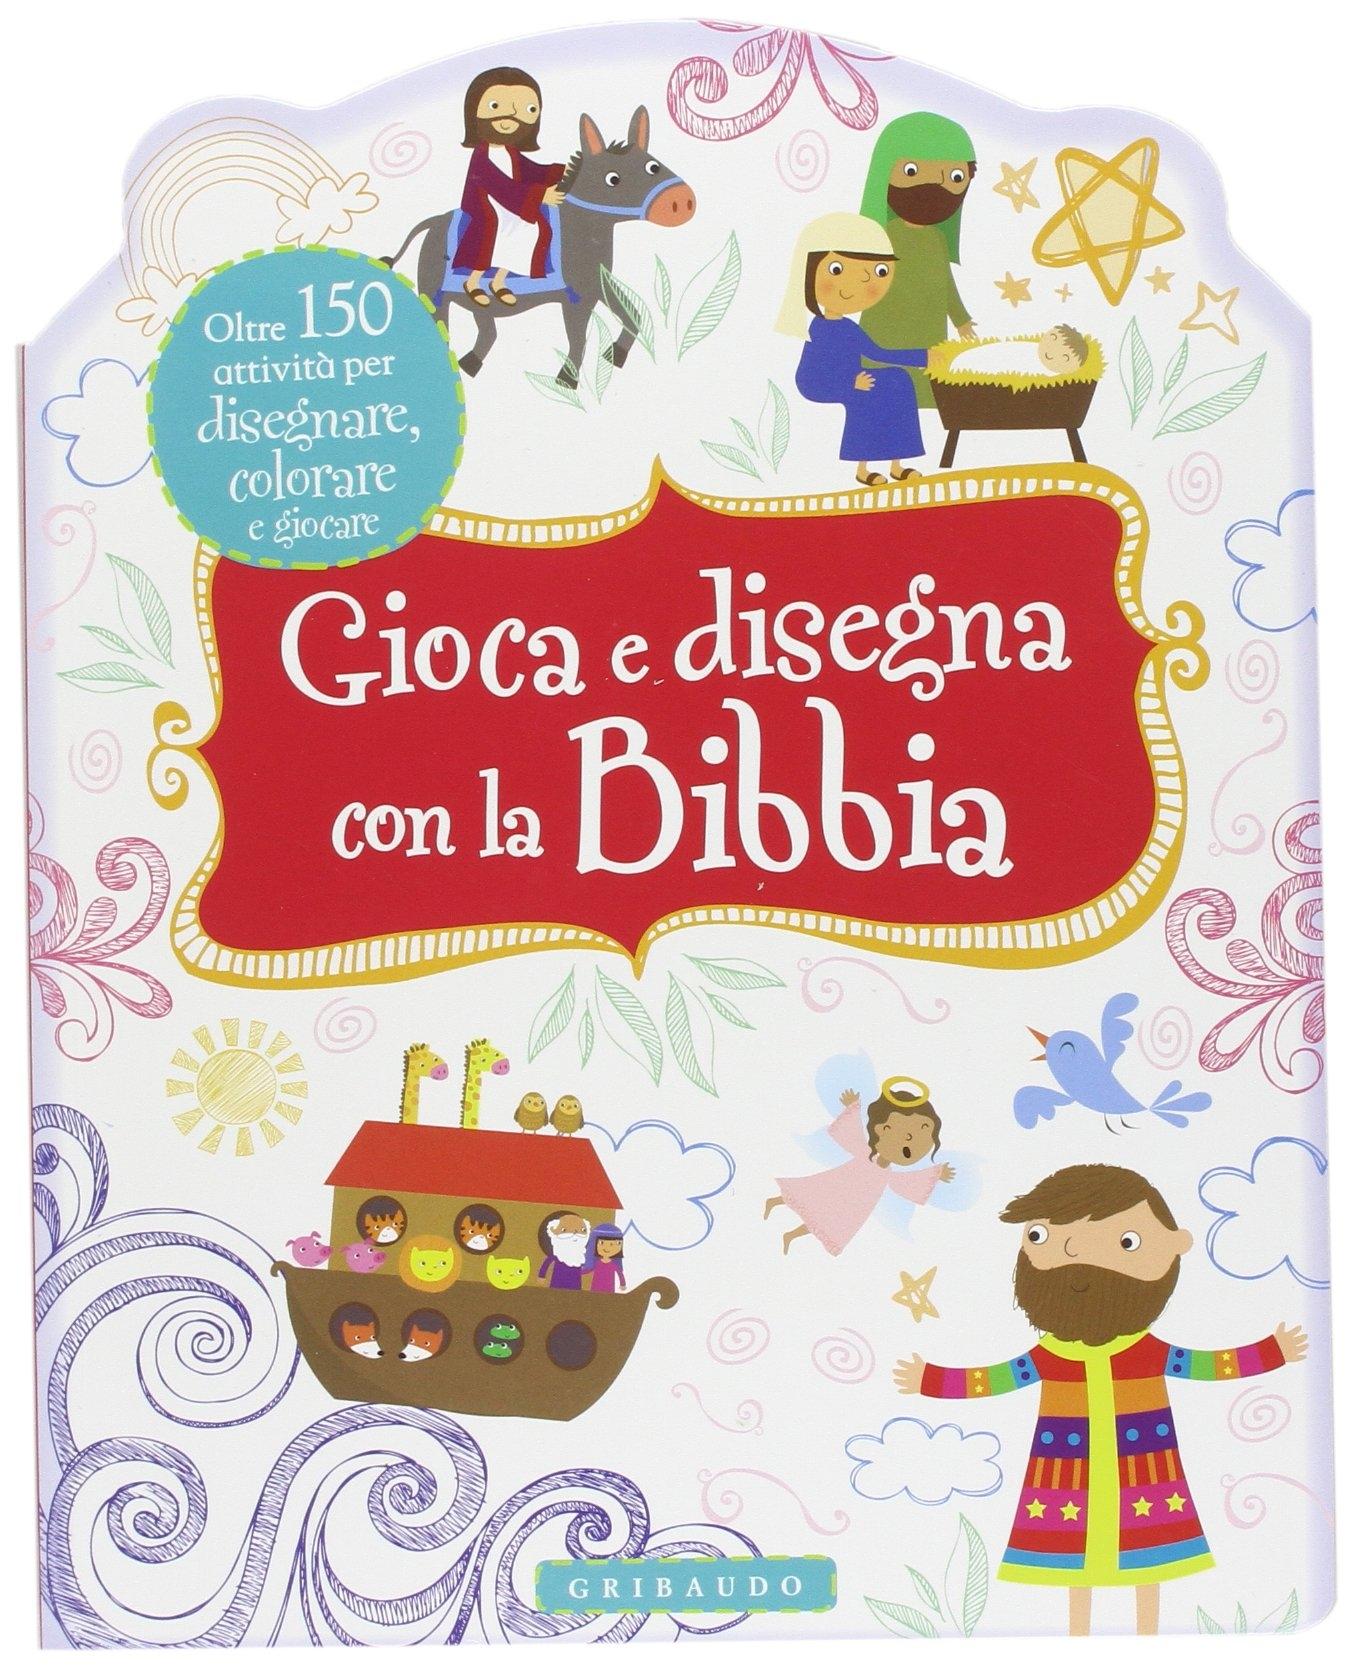 Gioca e disegna con la Bibbia. Ediz. illustrata